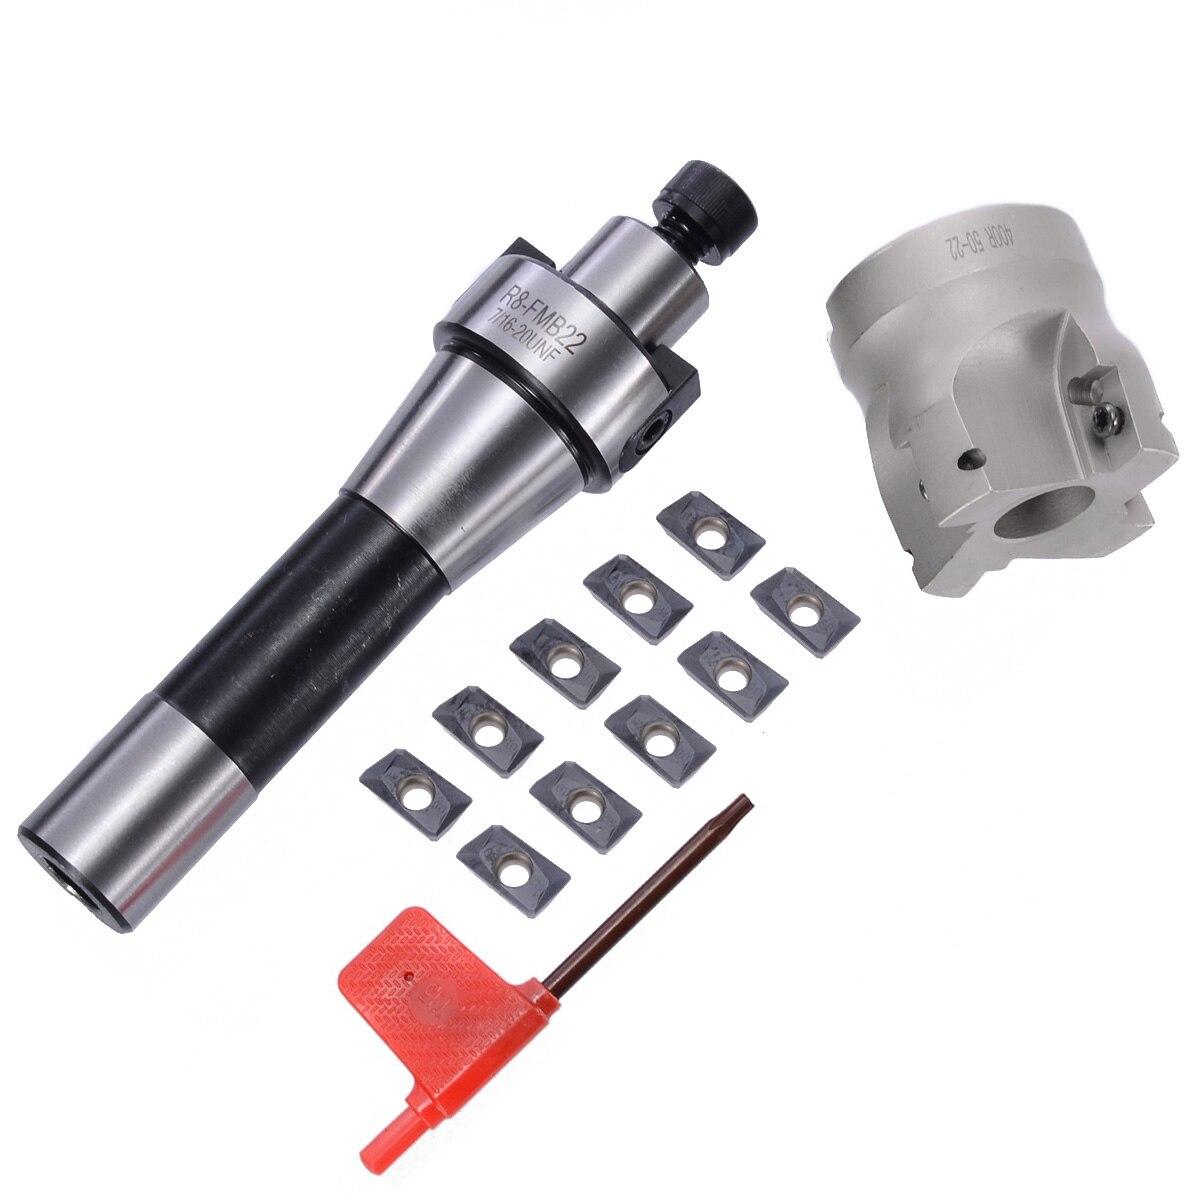 10 pièces APMT1604 Inserts + R8 Tige Tonnelle + 400R 50 MM Visage Fraise Kit Durable Plaque En Fonte Outil De Coupe